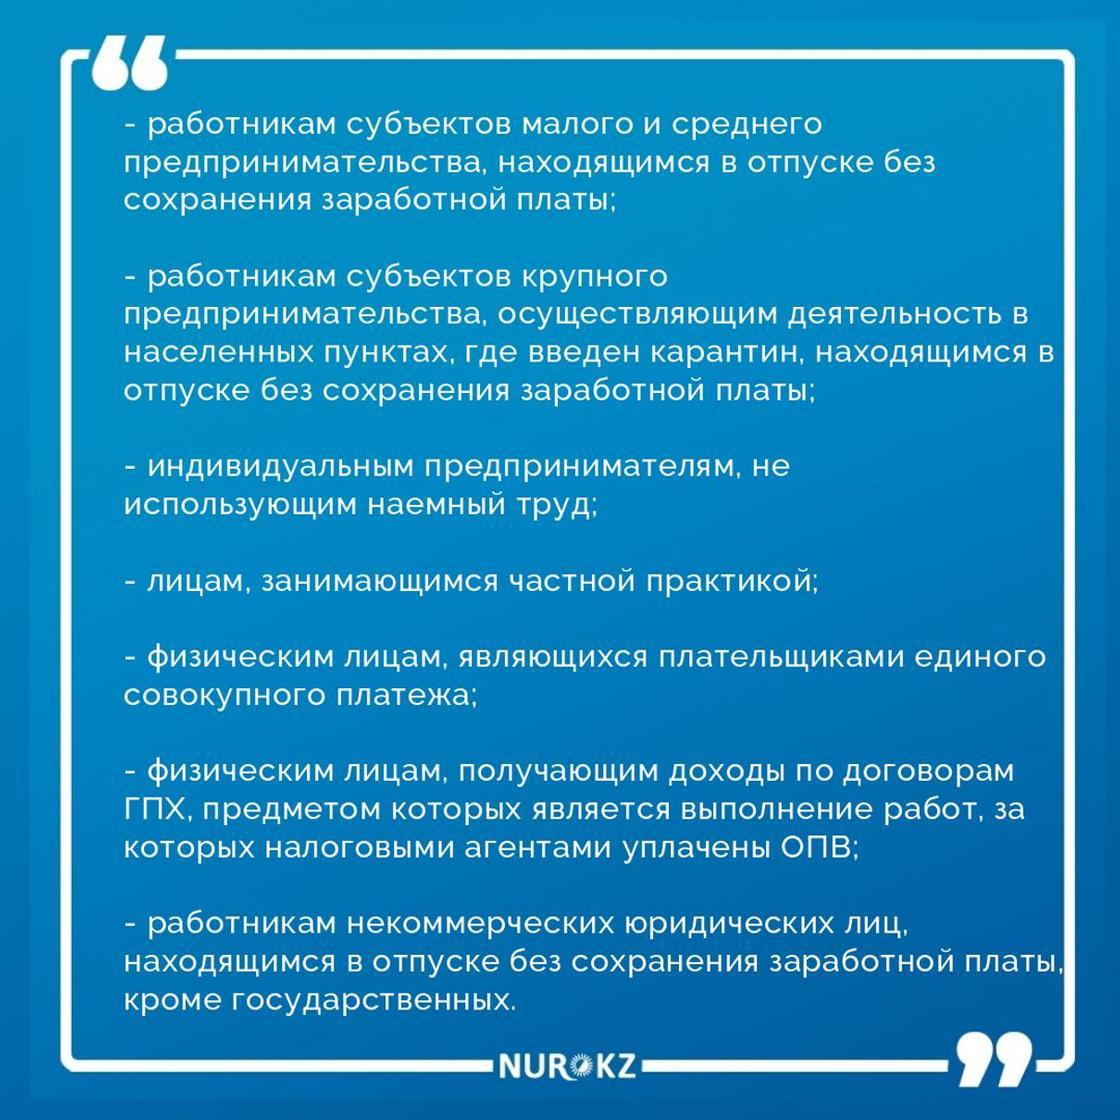 Правила выплаты 42 500 тенге изменились в Казахстане